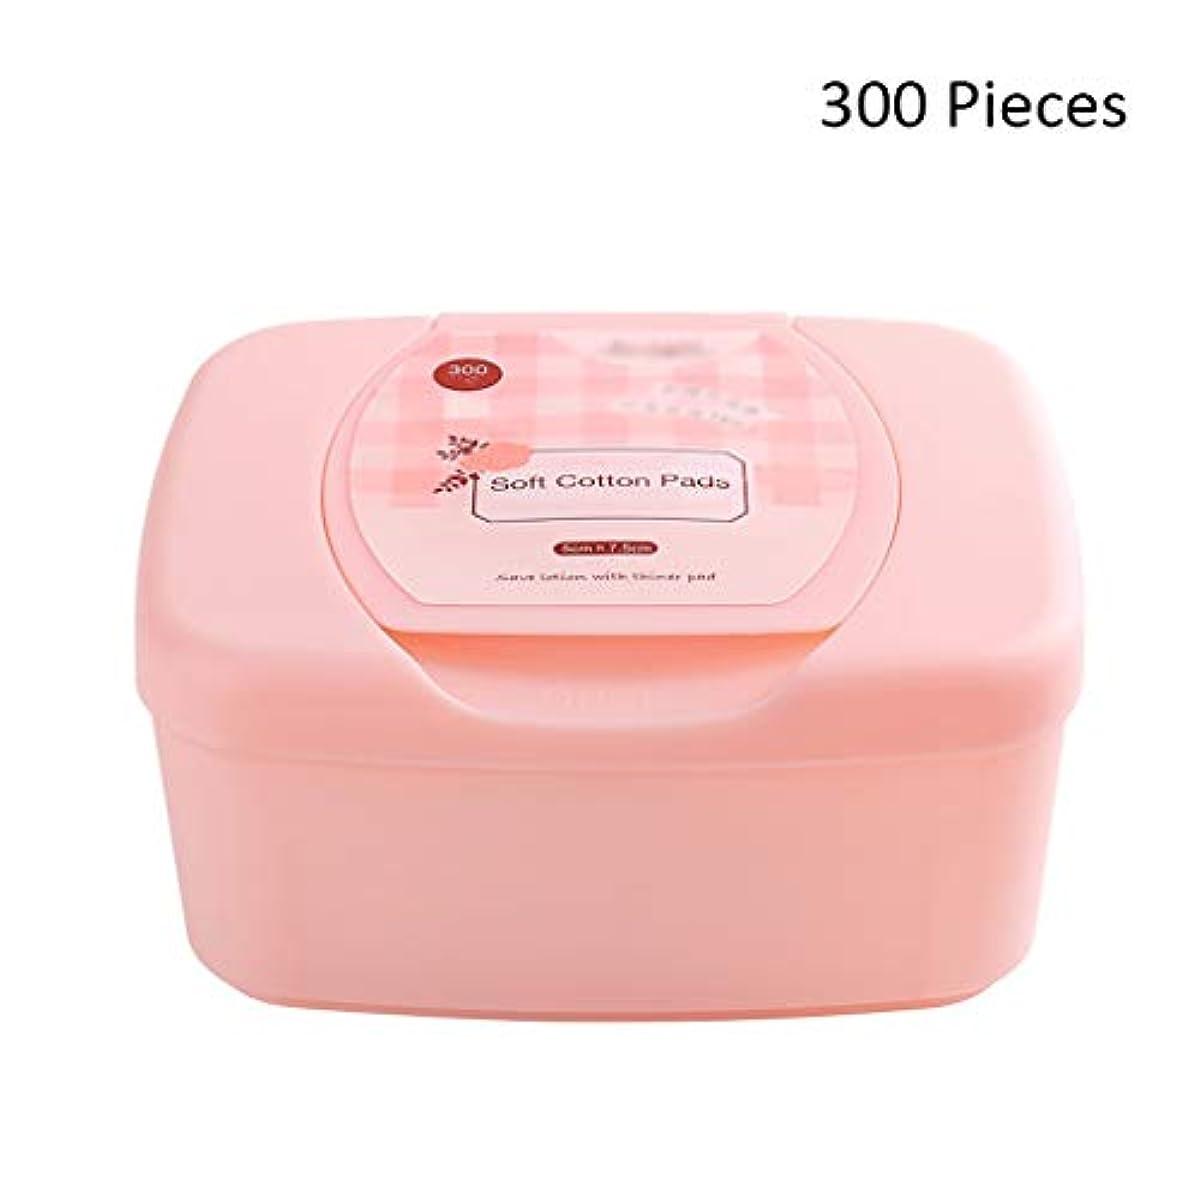 文房具粘液極めて重要な300ピース抽出有機フェイスメイク落としソフトメイク落としパッド化粧品フェイスワイプマスクケアクレンジングコットン (Color : Pink, サイズ : 7.5*5cm)